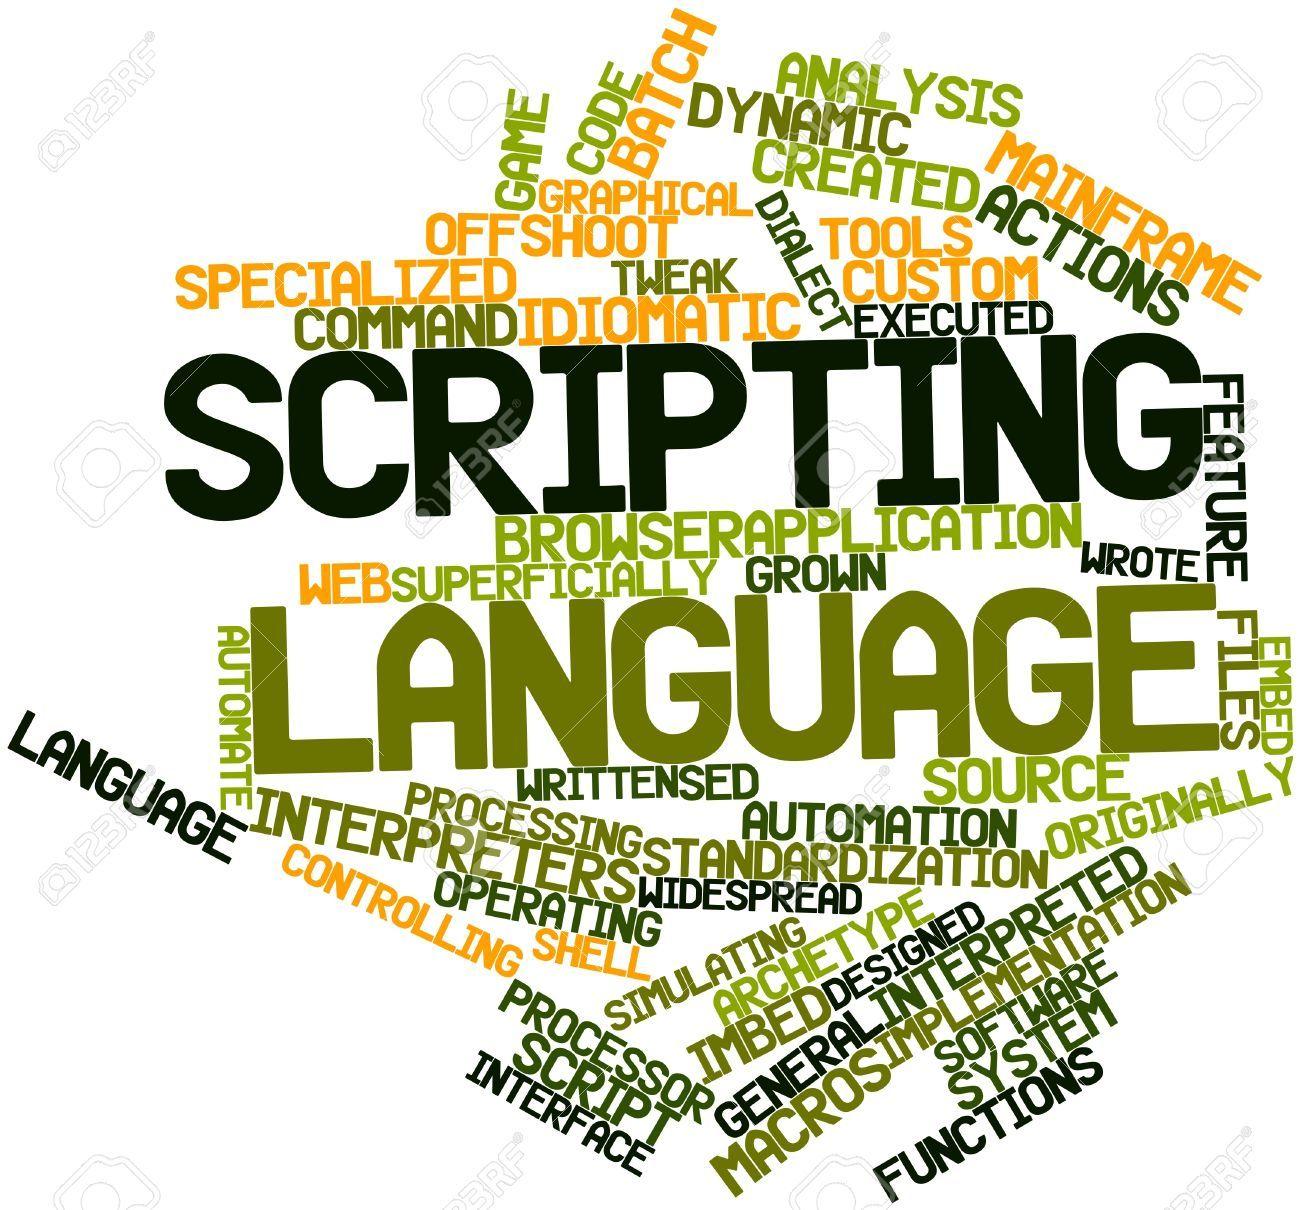 1Script или Как я начал open-source проект - 1